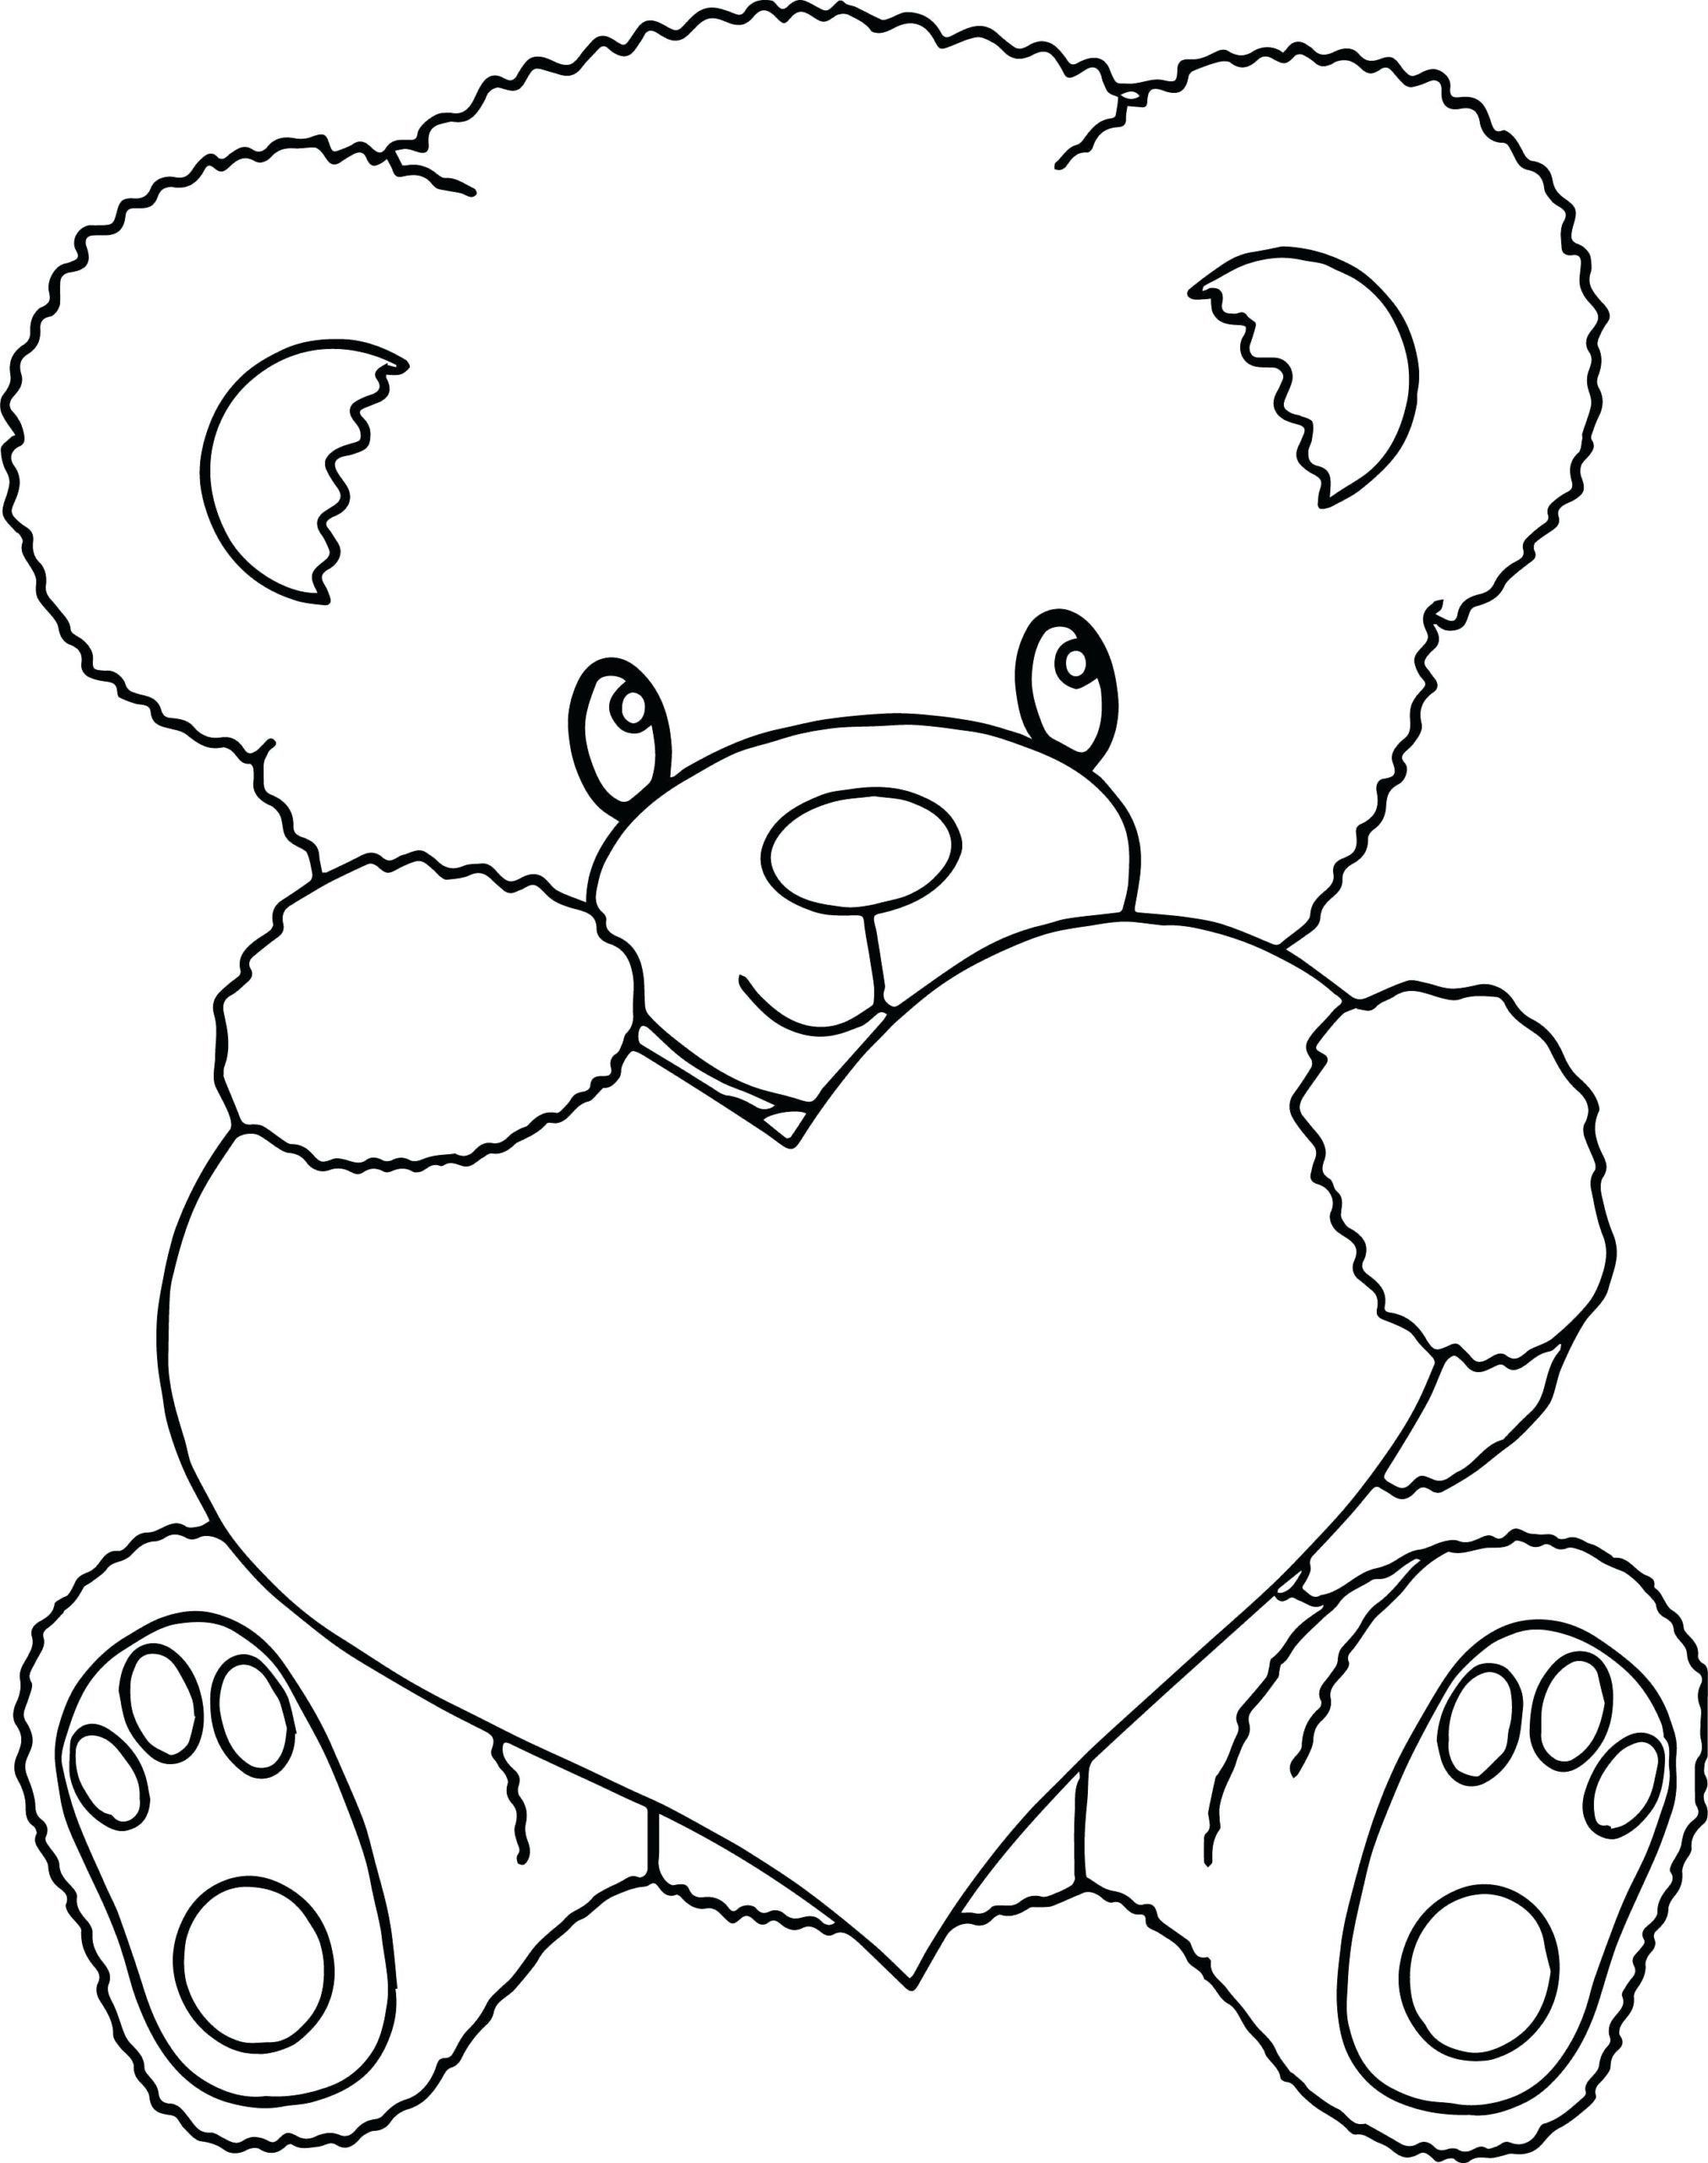 Kostenlose Bar Malvorlagen Malbuch Seiten Viel Gluck Pflege Bar Teddy Farbung Examples Customize C In 2020 Malvorlagen Kostenlose Ausmalbilder Malvorlagen Fur Kinder